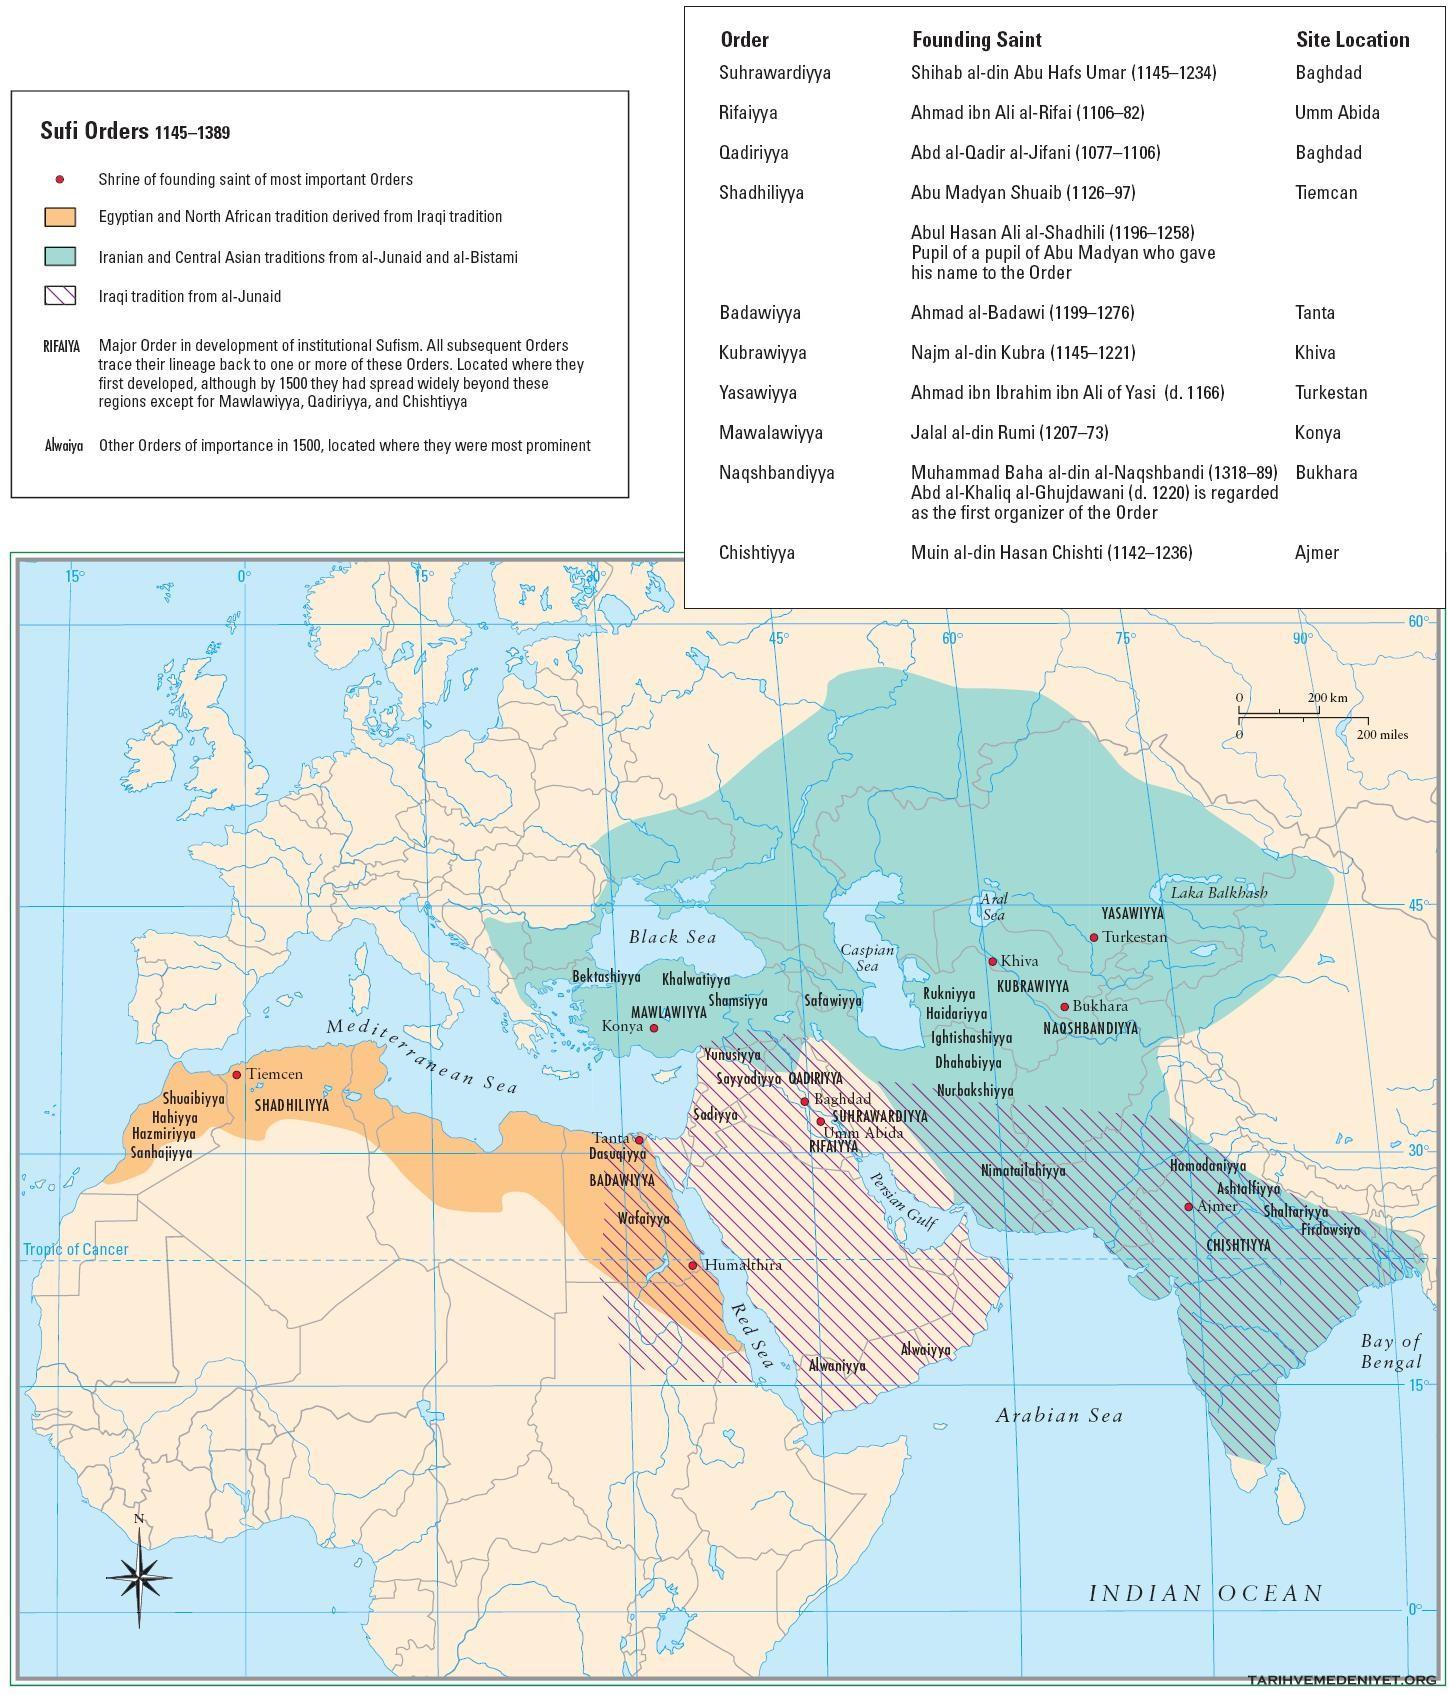 islam tarikatlar haritasi